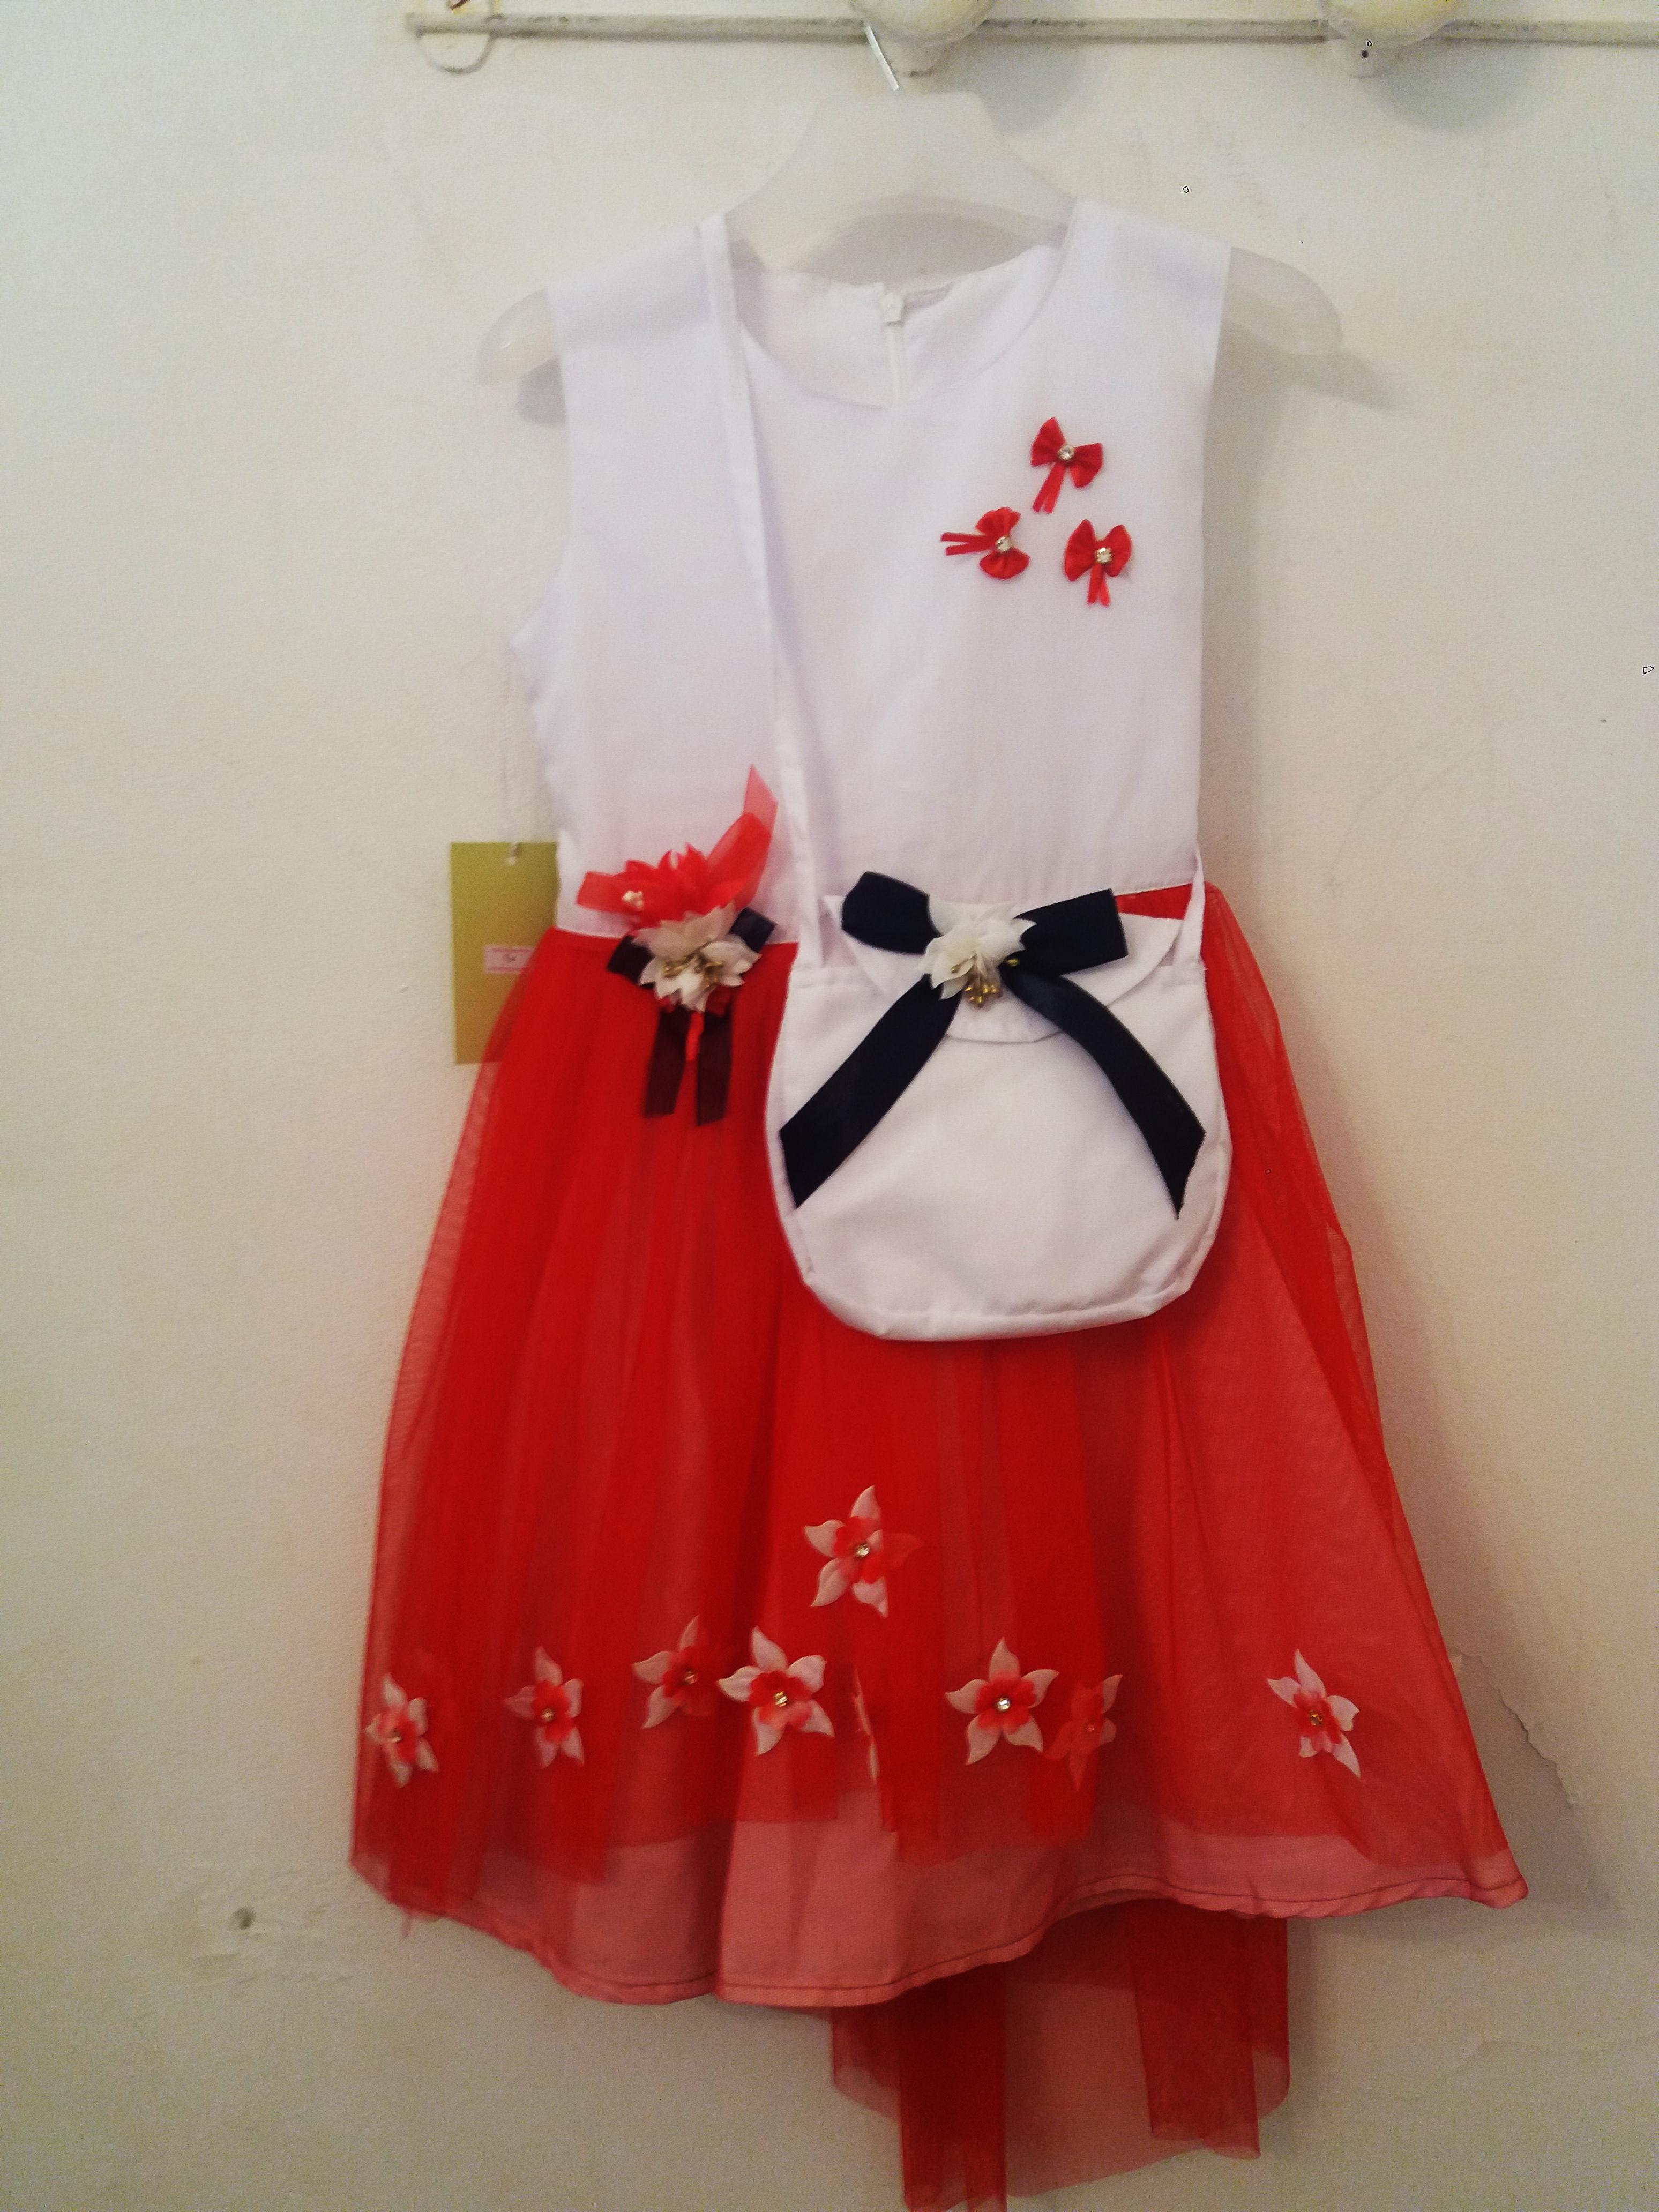 vente vêtements pour enfants ouedkniss